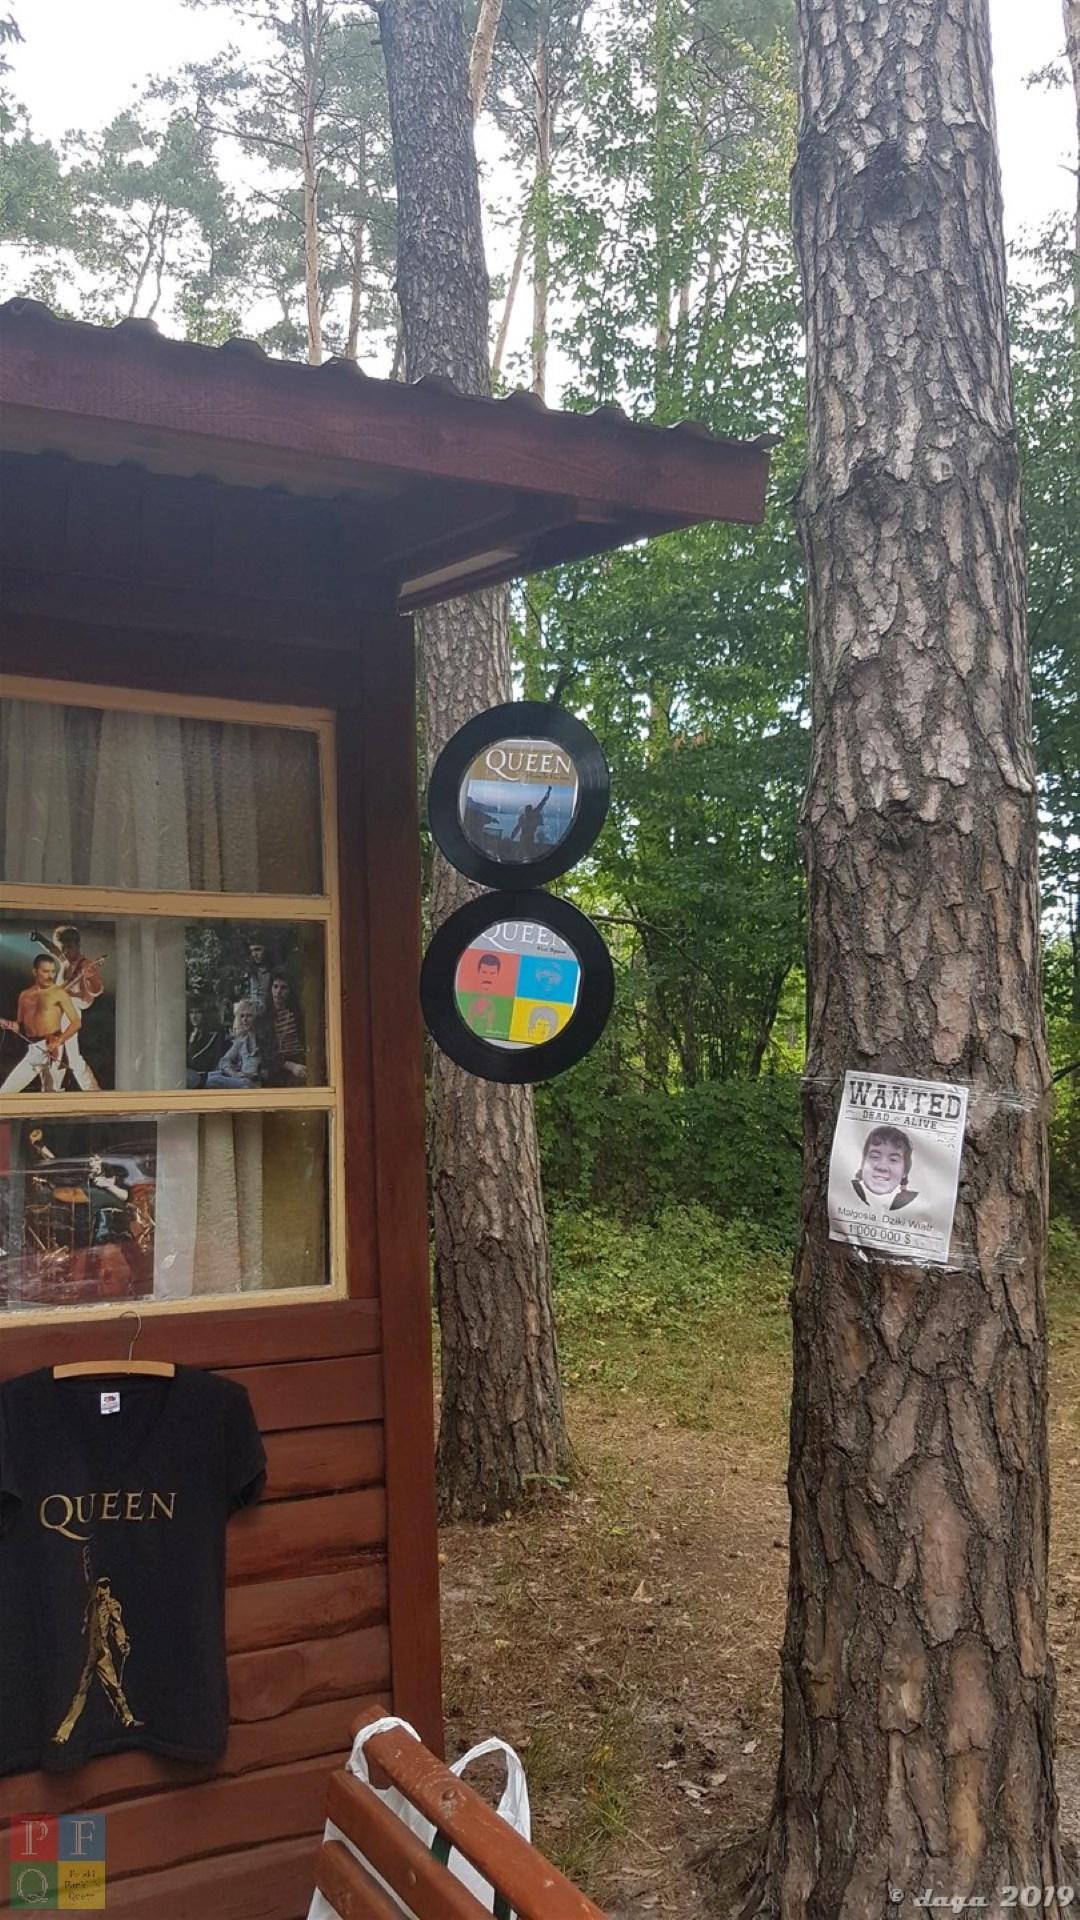 zlot-queen-2019-D.Szymanska-100